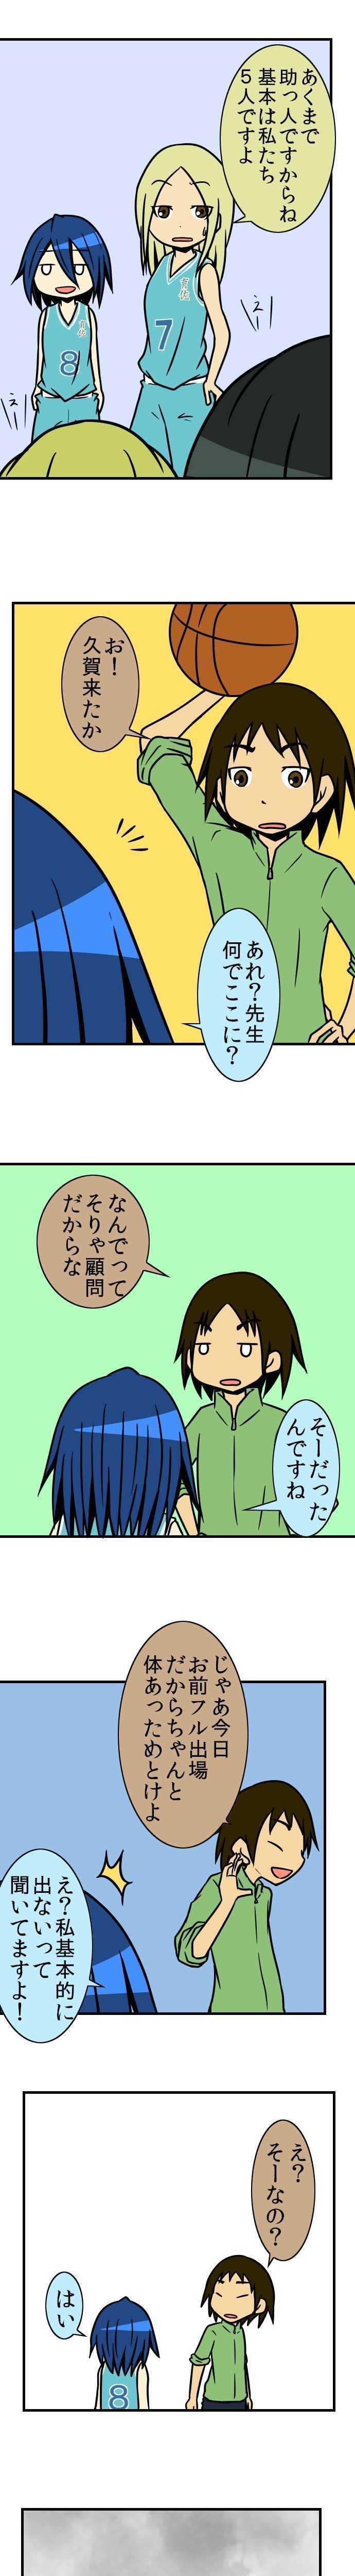 32術目:忍ぶ助っ人(其の壱)